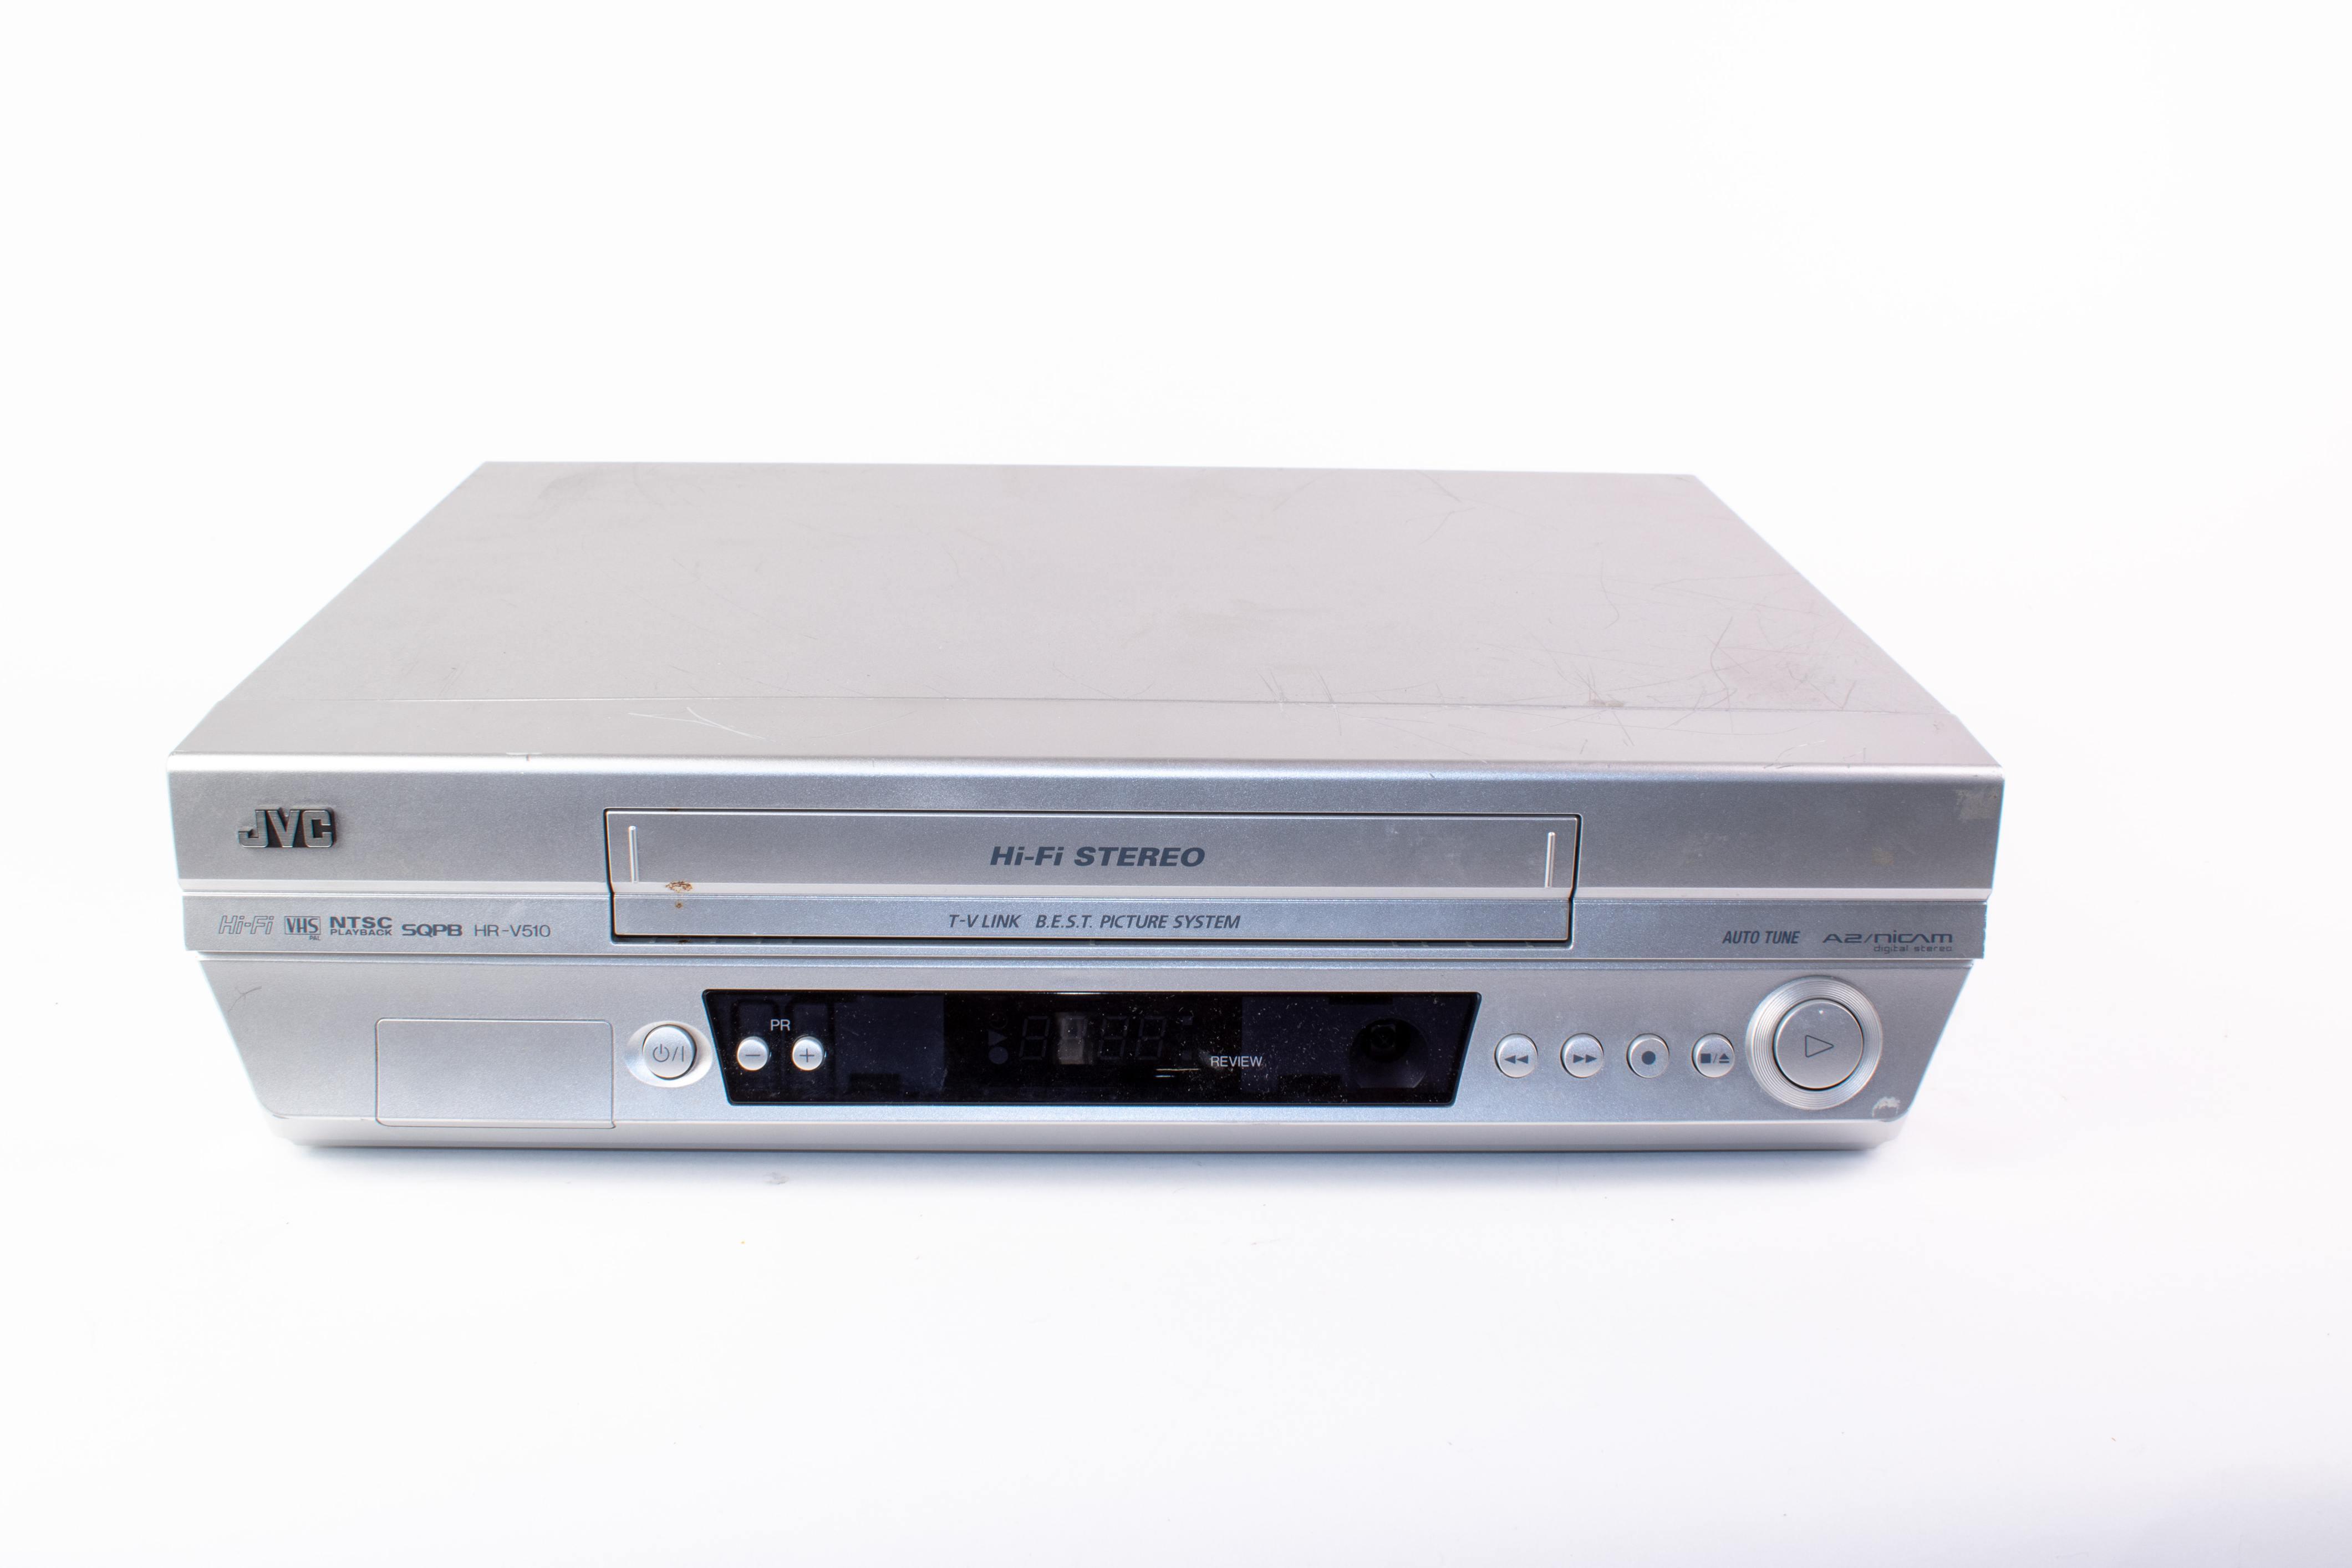 HR-V510